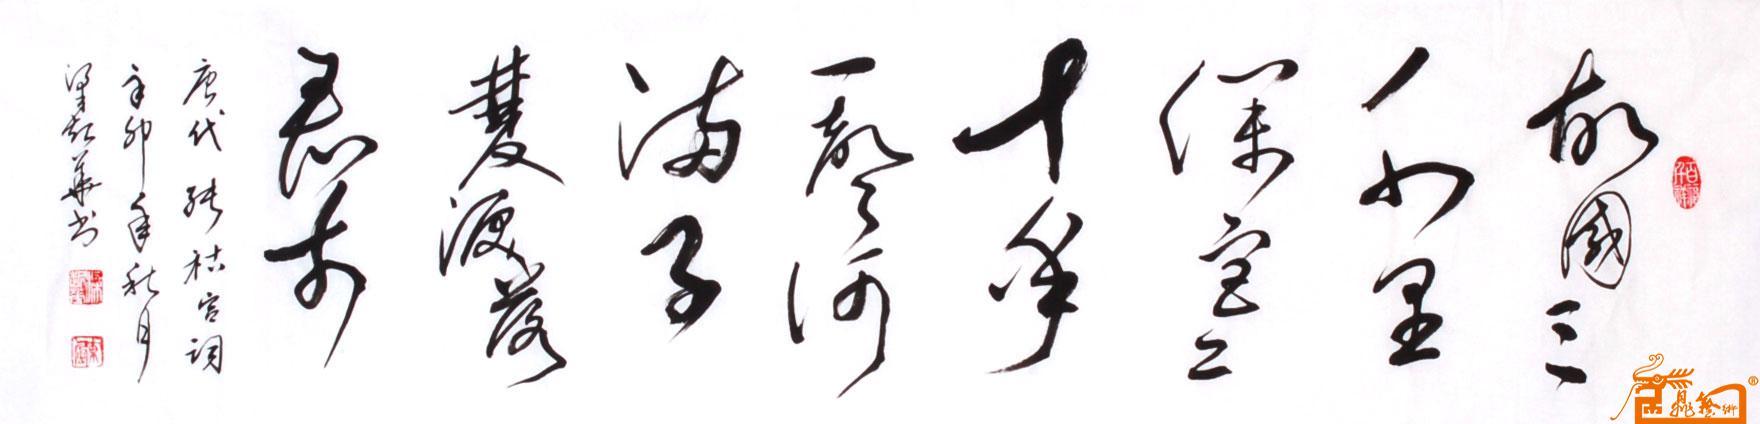 张祜宫词 梁起华 中国书画服务中心